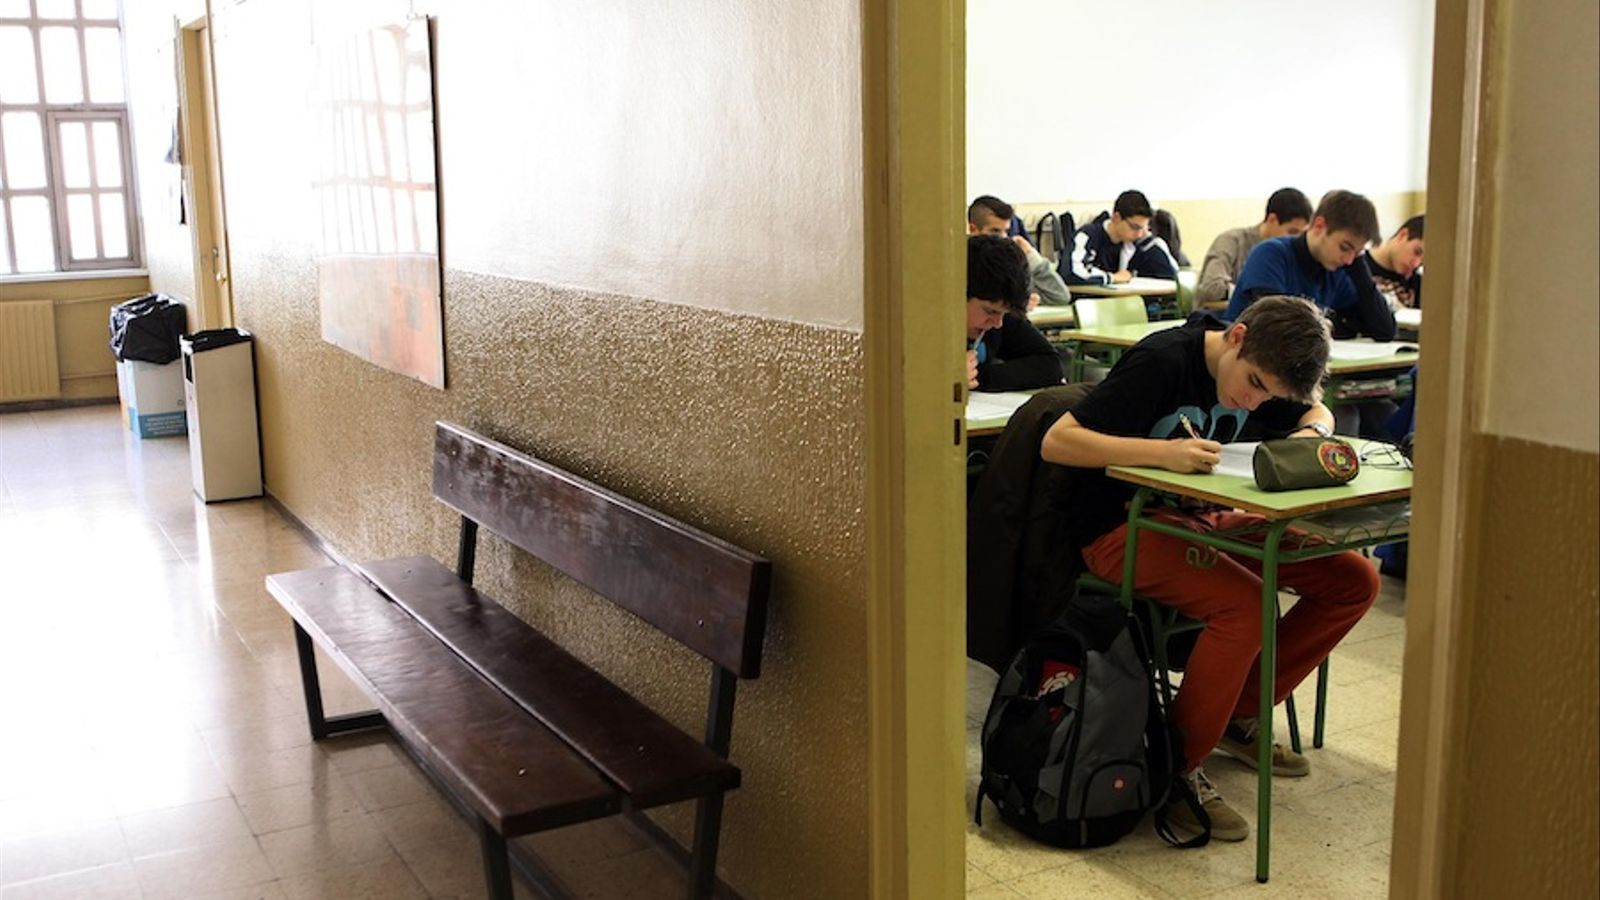 Alumnes de 4t d'ESO de l'Institut Montserrat de Barcelona fan les proves d'avaluació externa / CÈLIA ATSET